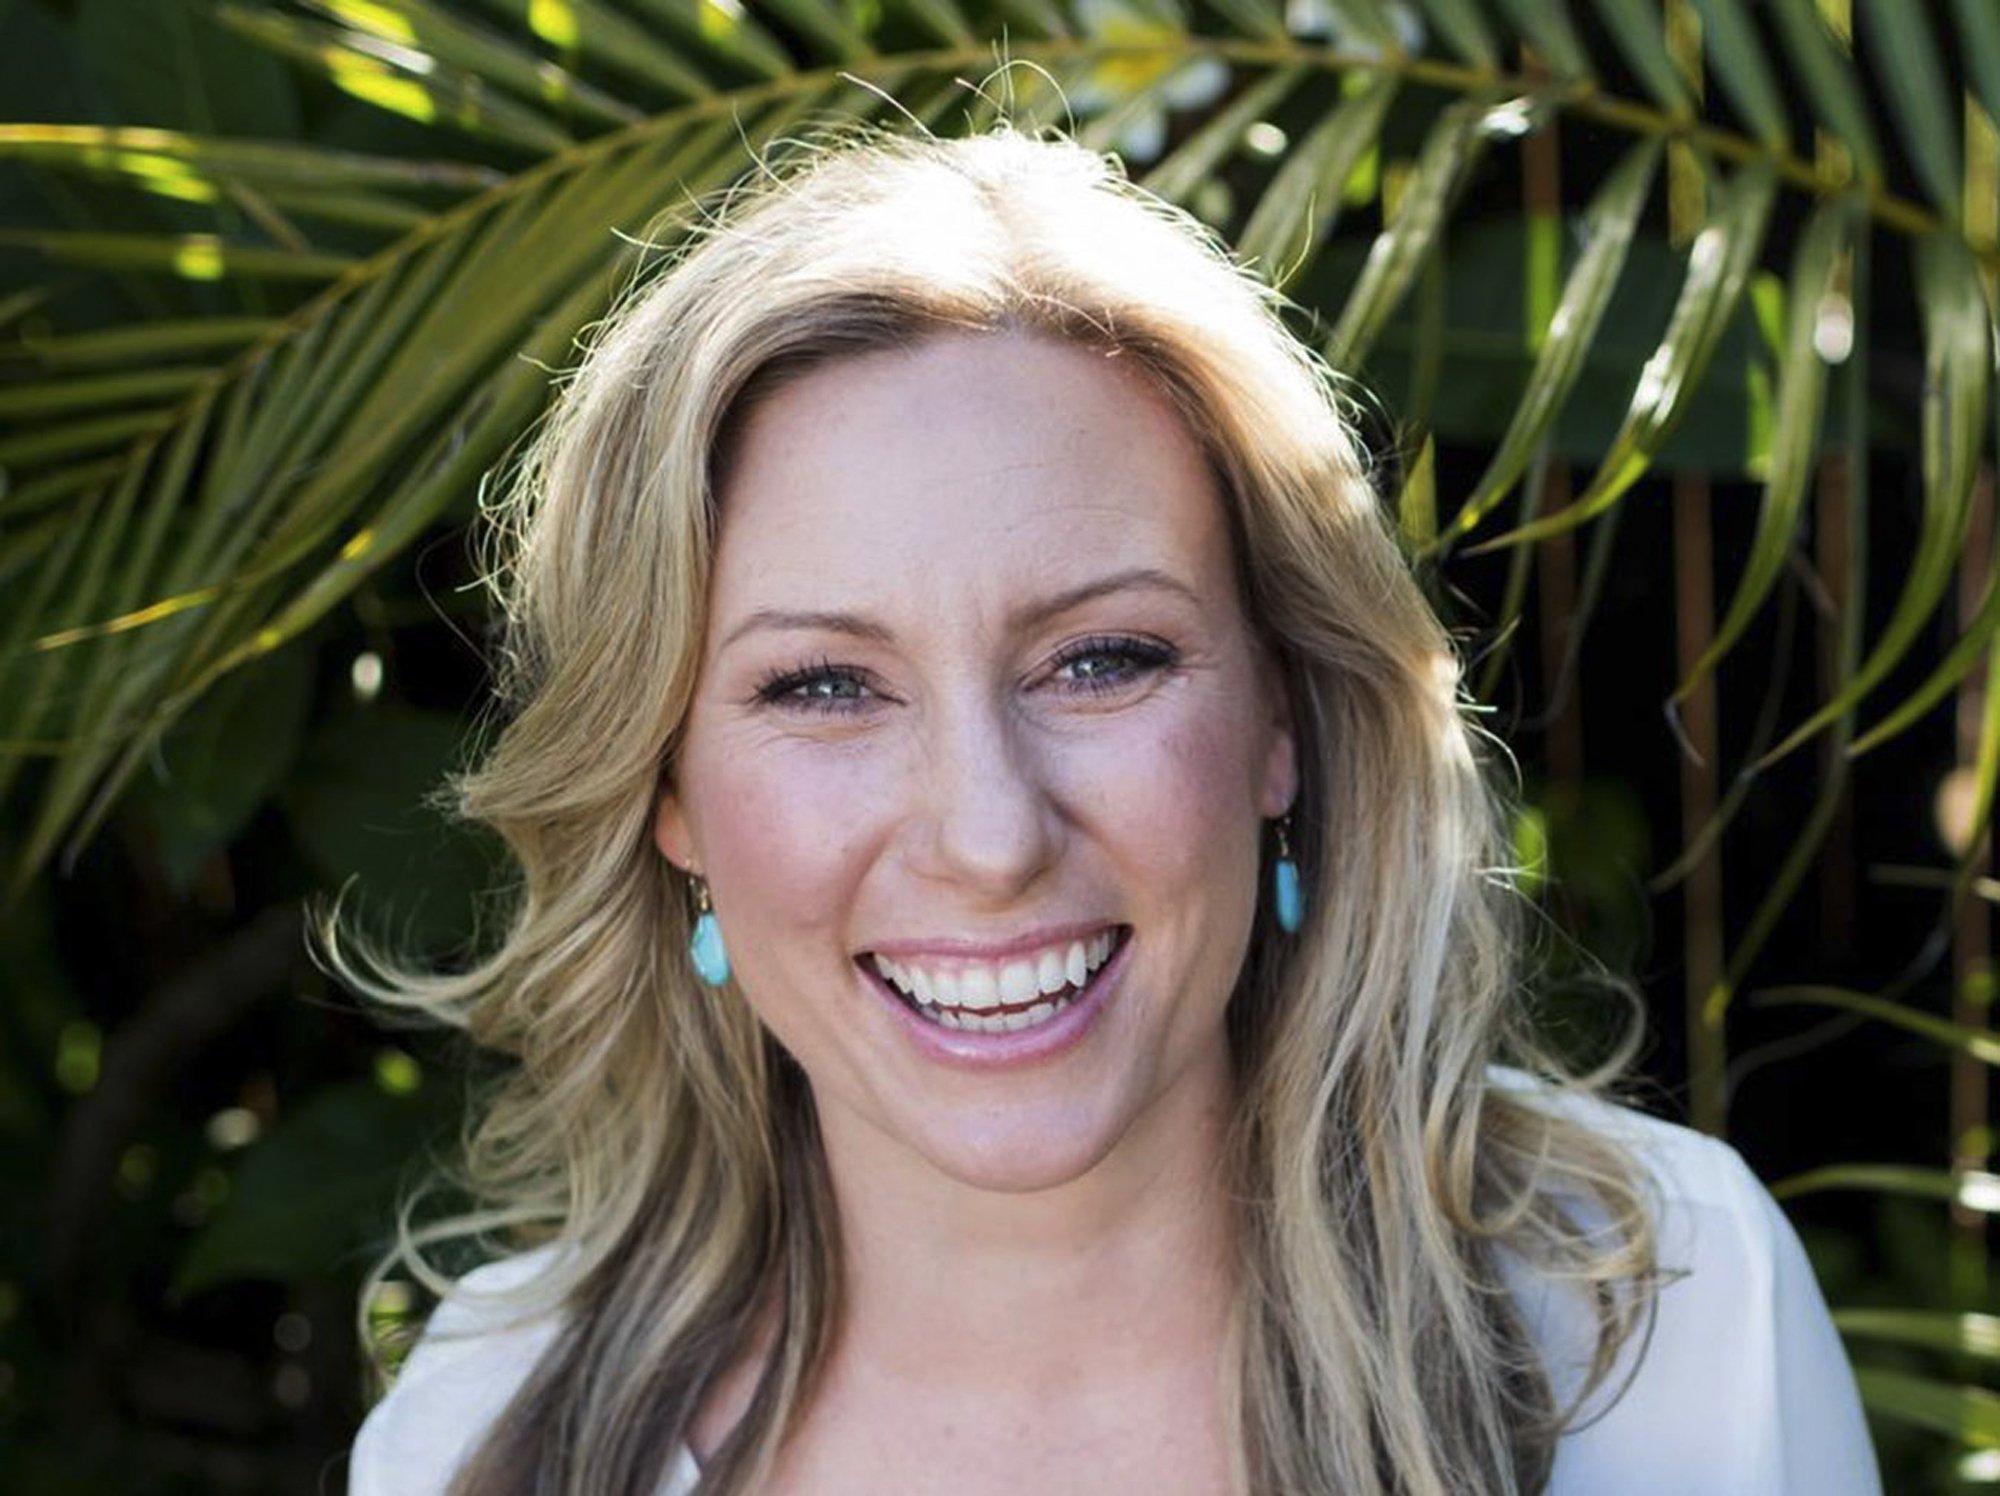 Officials: Australian woman shot after cops heard loud sound